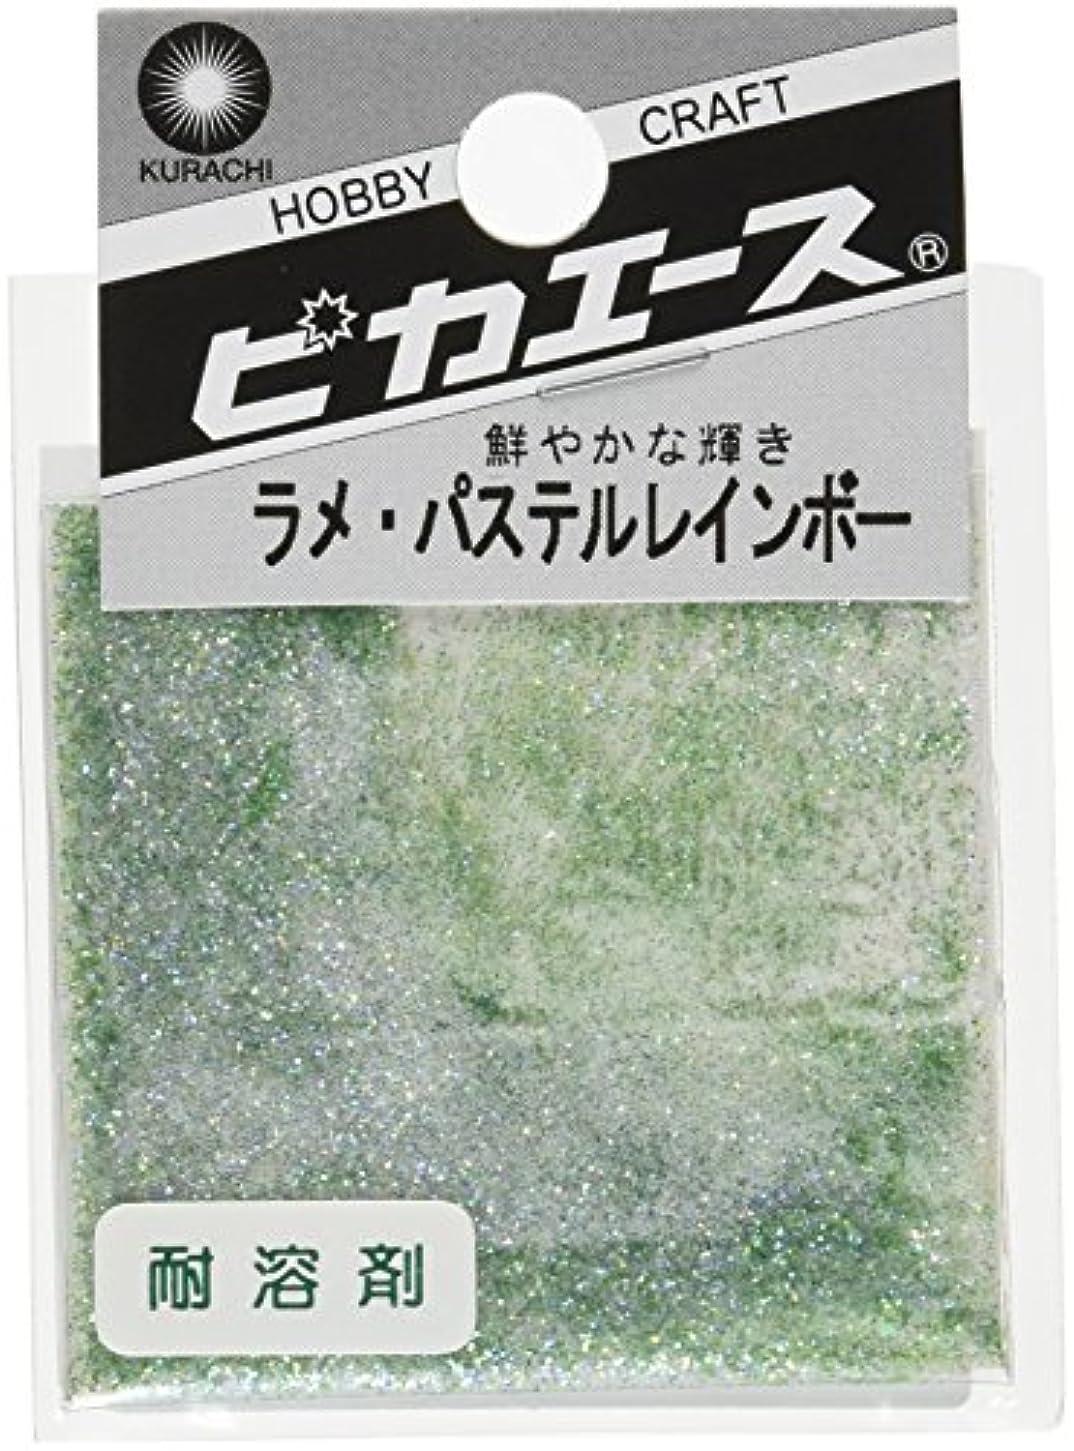 蒸発する人生を作るダイヤモンドピカエース ネイル用パウダー ピカエース ラメパステルレインボー S #450 グリーン 0.7g アート材